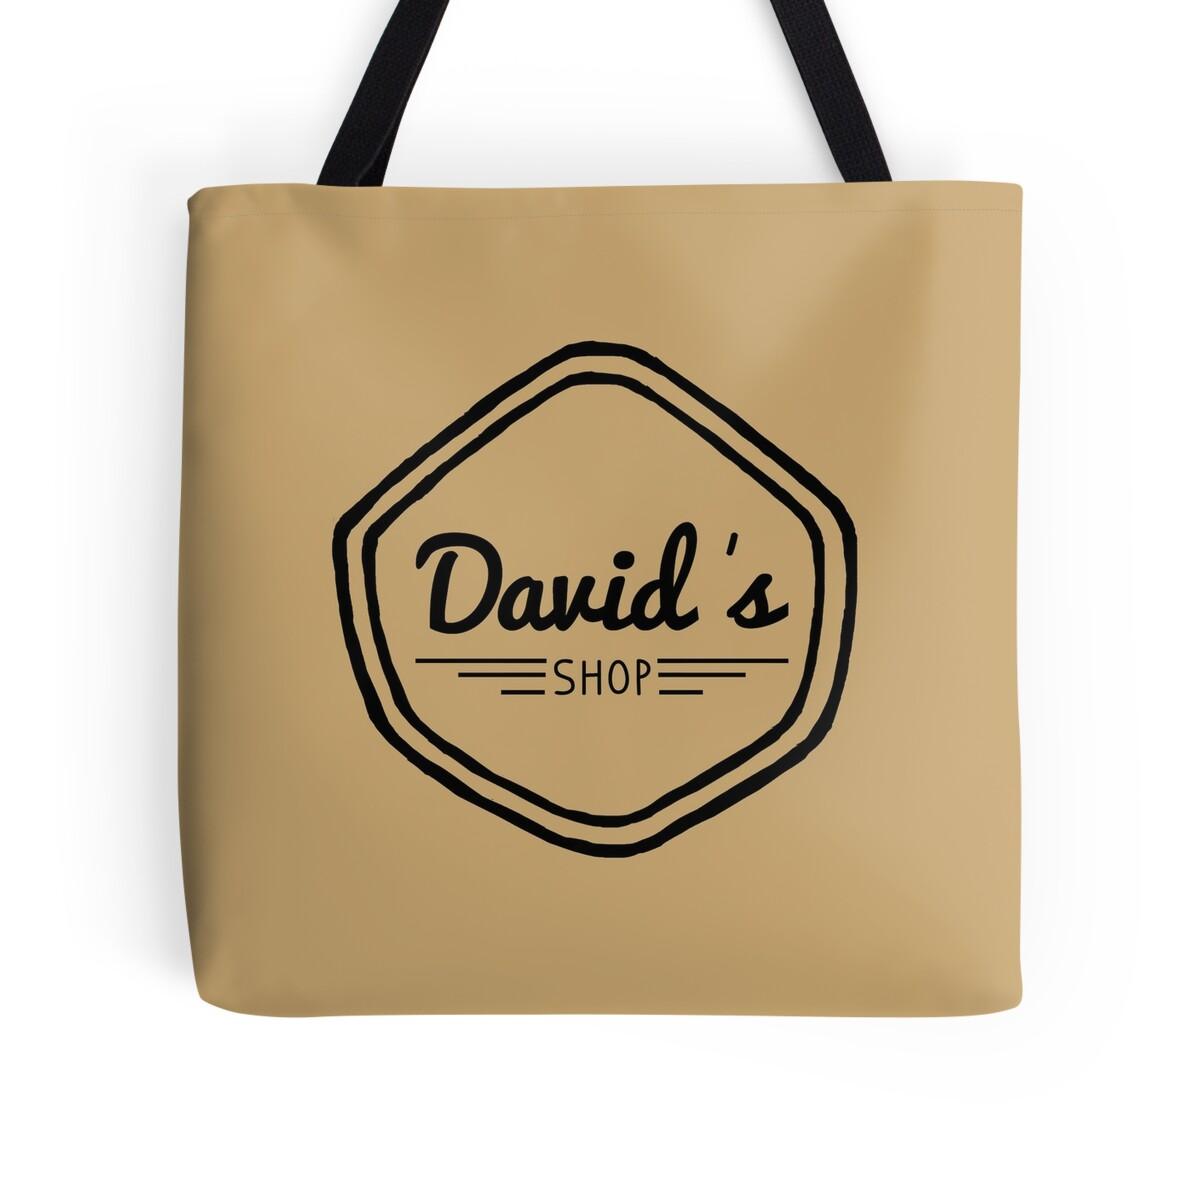 David's Shop - TOTE BAGS